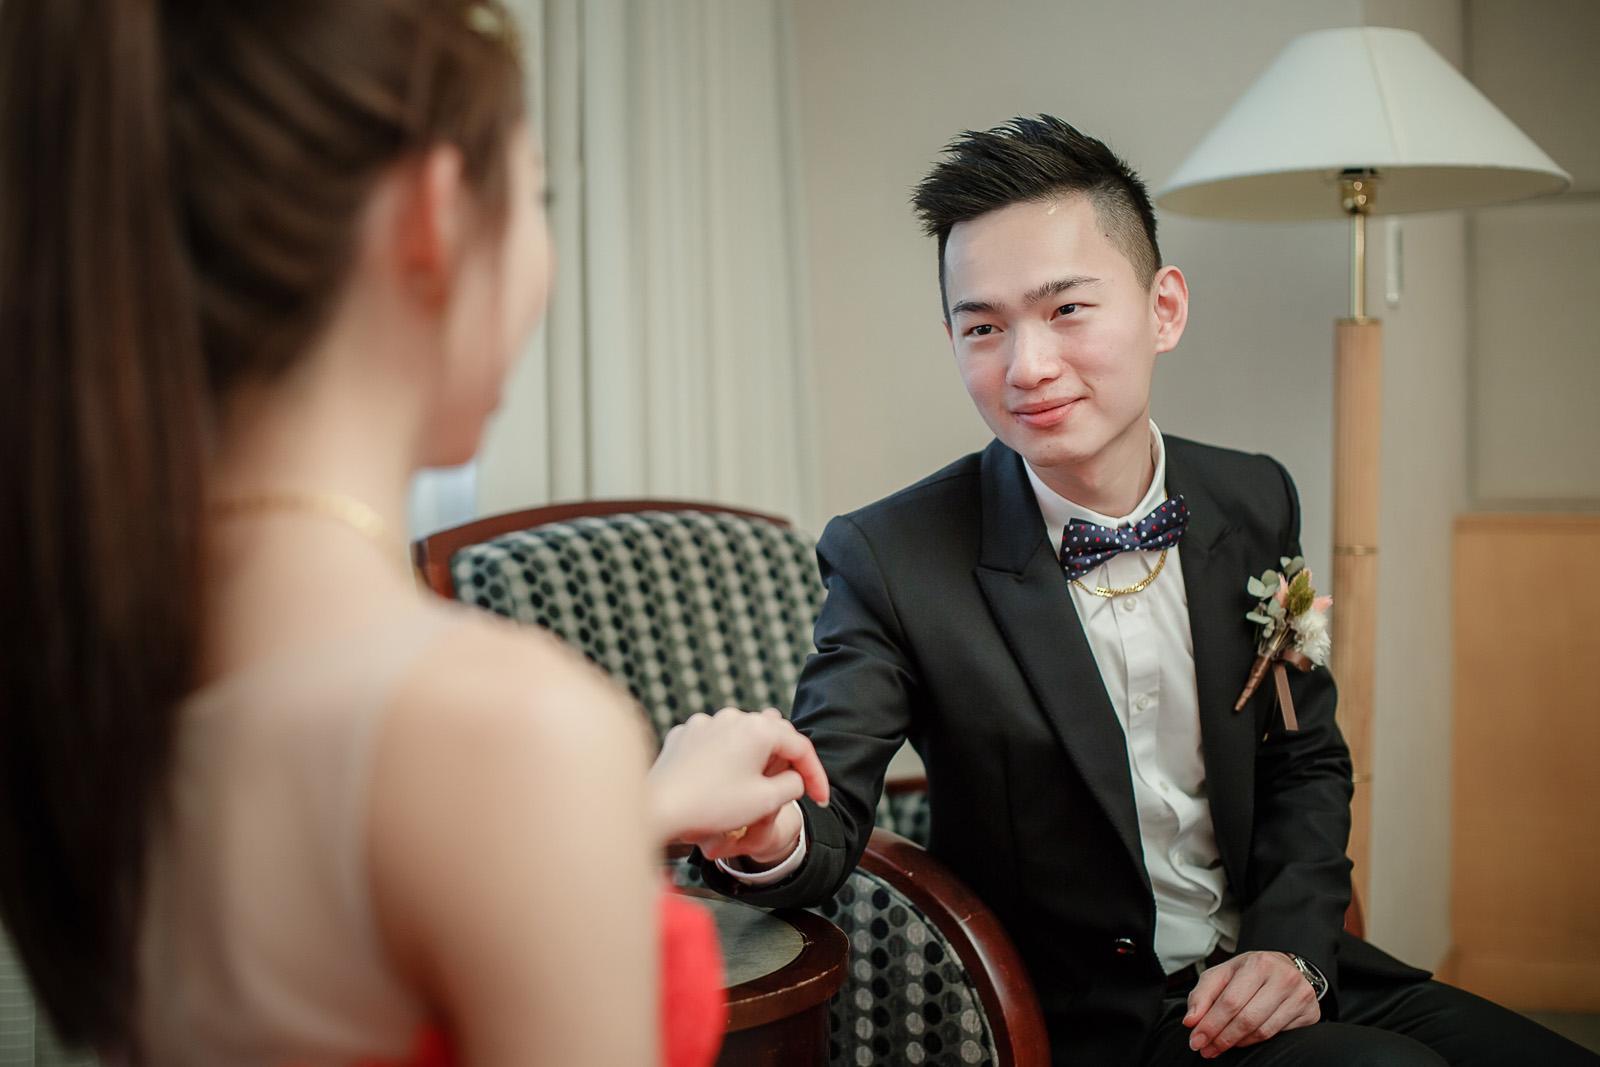 高雄圓山飯店,婚禮攝影,婚攝,高雄婚攝,優質婚攝推薦,Jen&Ethan-055